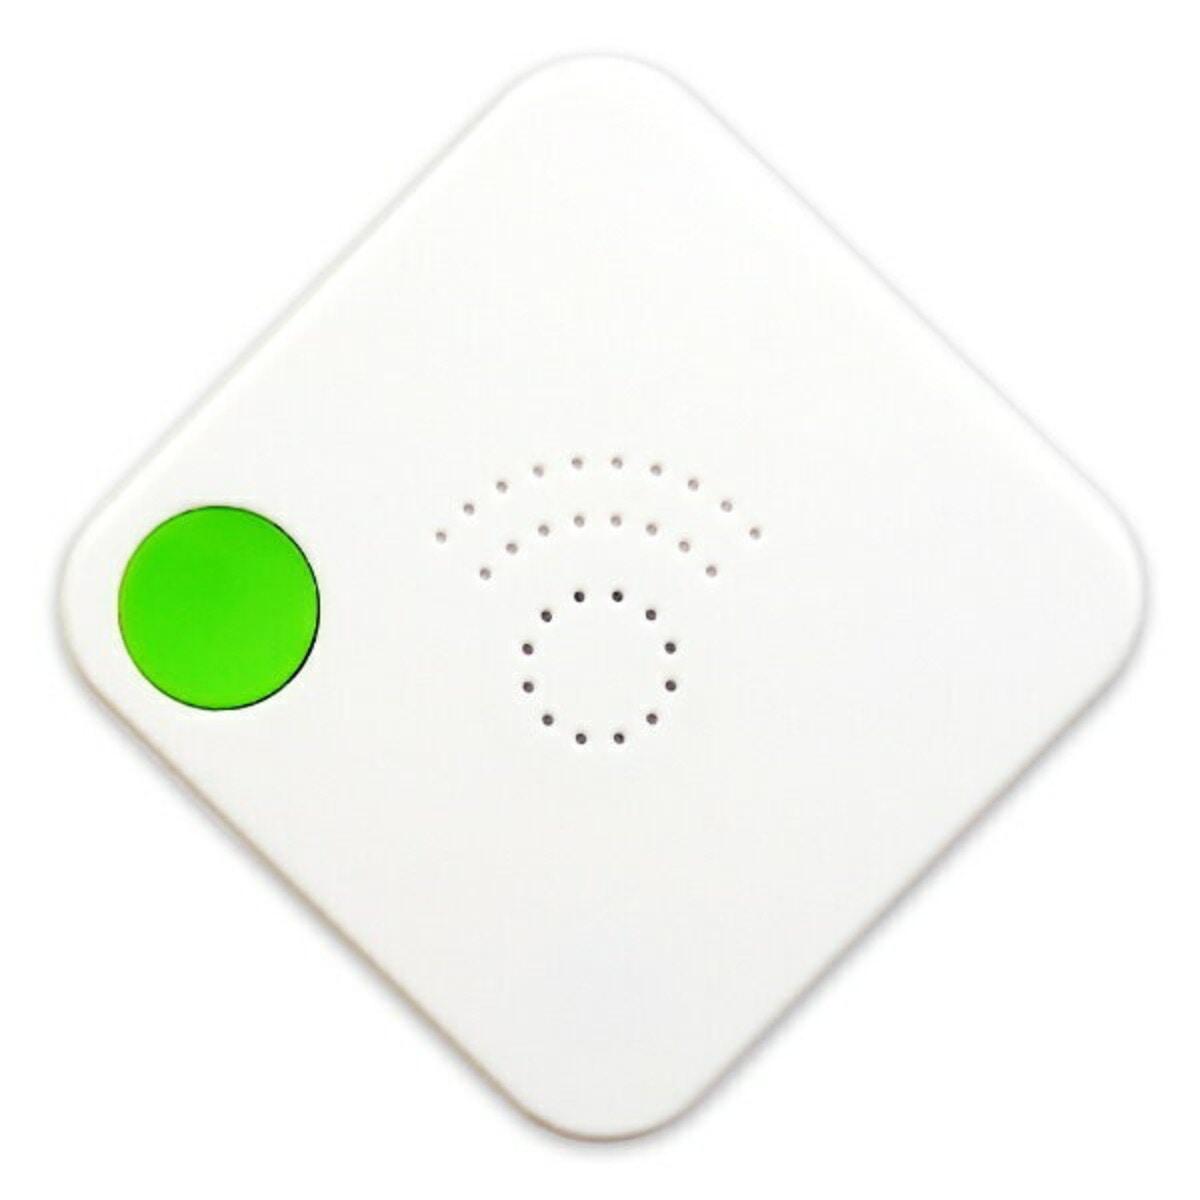 みもりGPS(携帯型GPSみまもり端末)